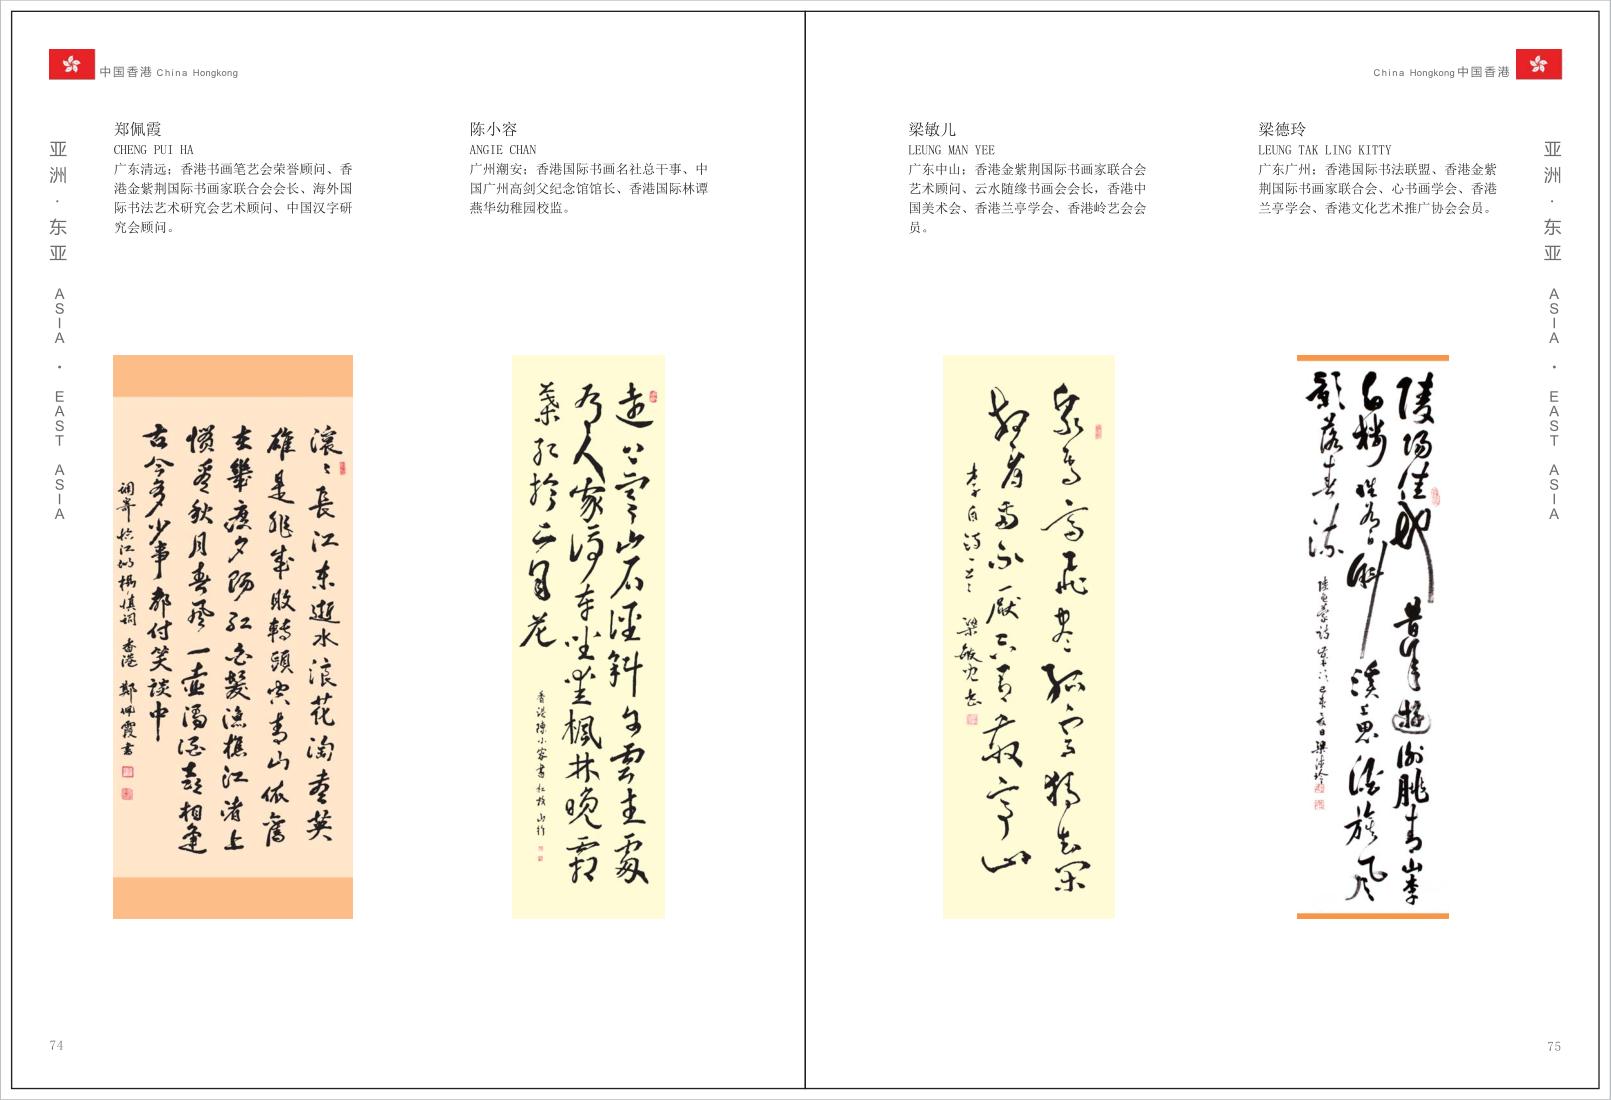 191页2_39.png